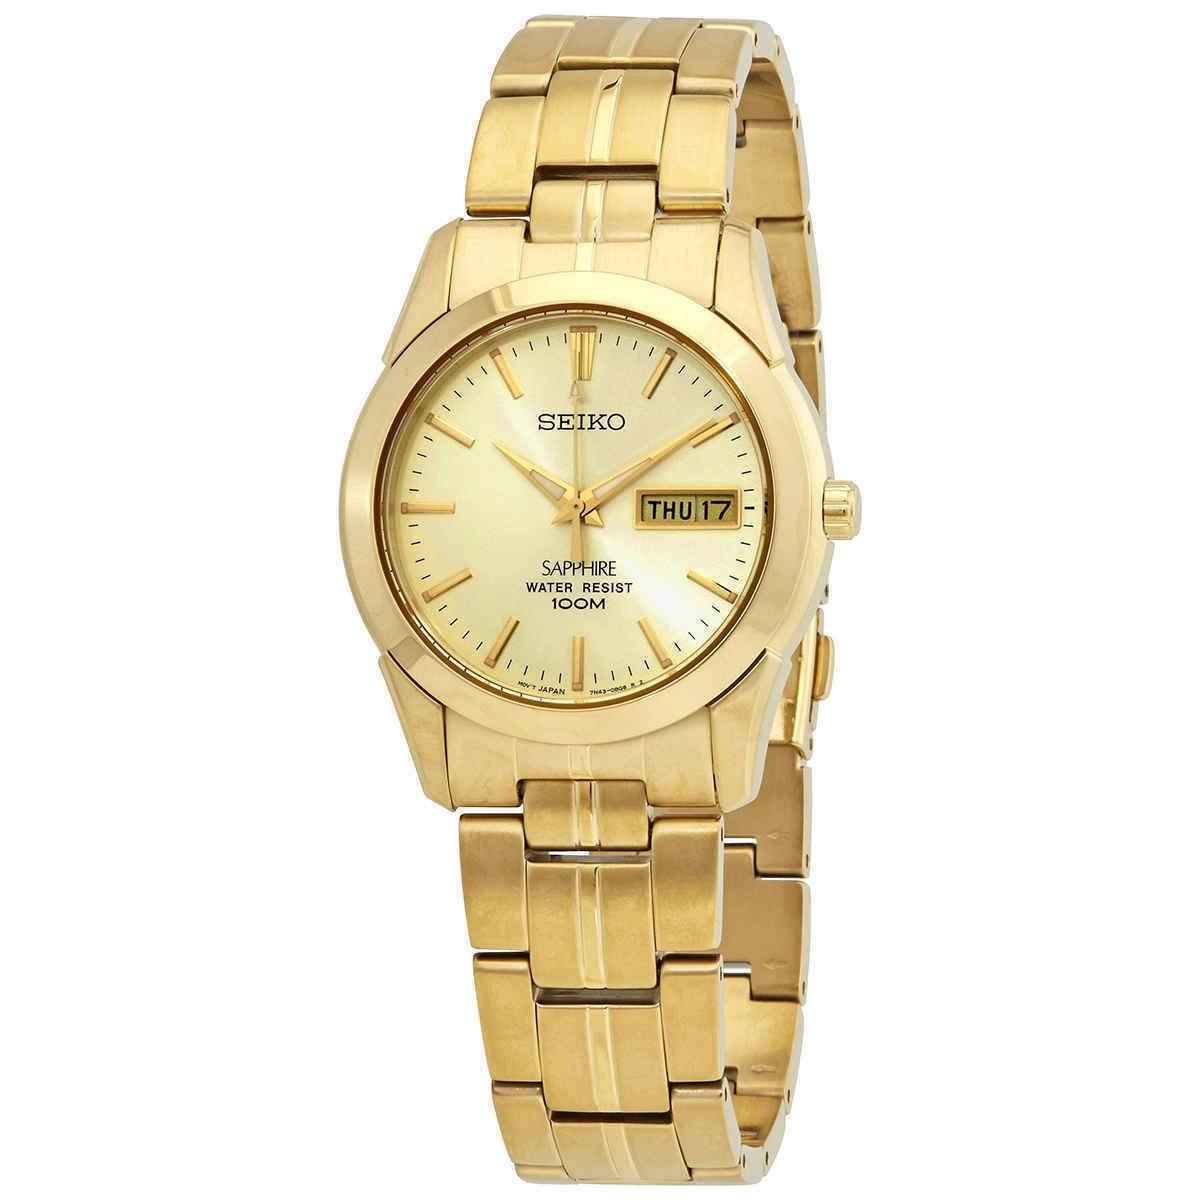 Seiko Unisex Watch Gold 4954628113849